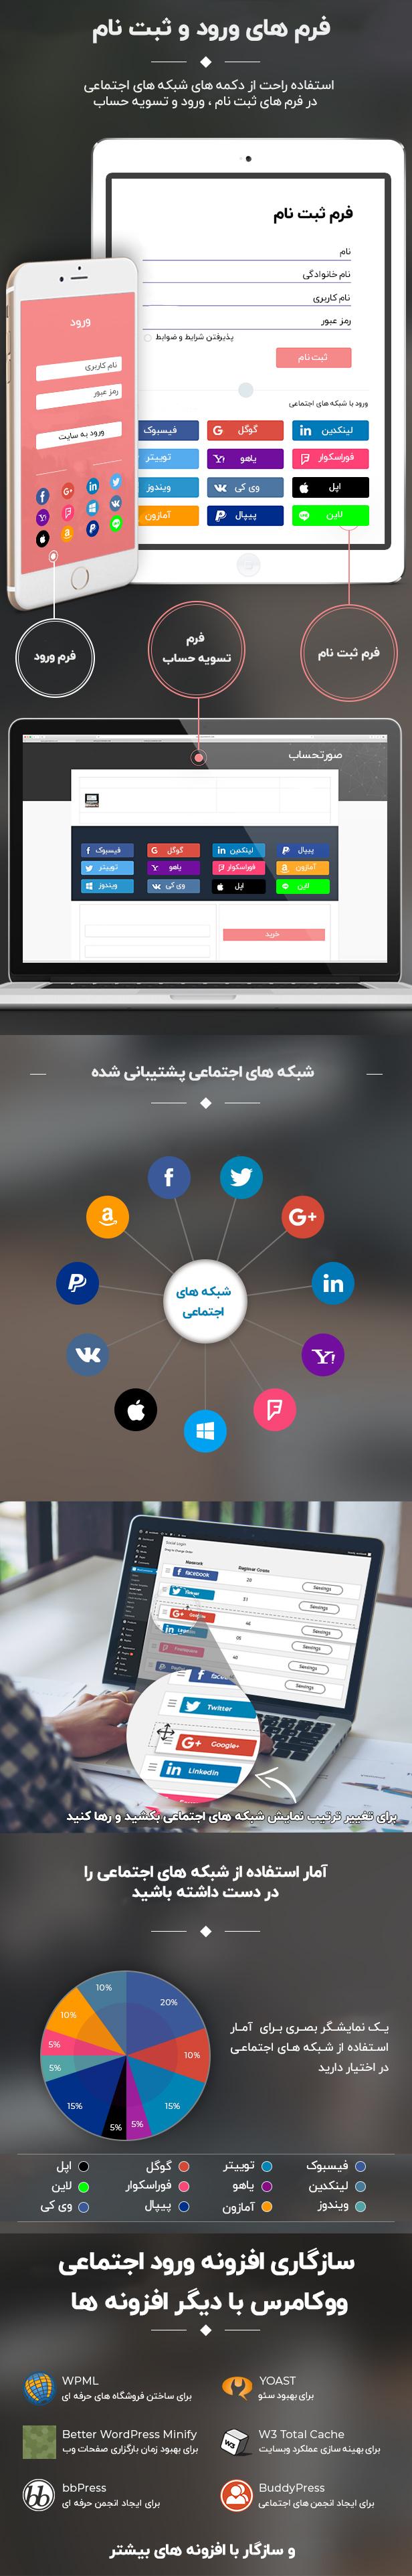 امکانات افزونه ورود با اکانت شبکه های اجتماعی